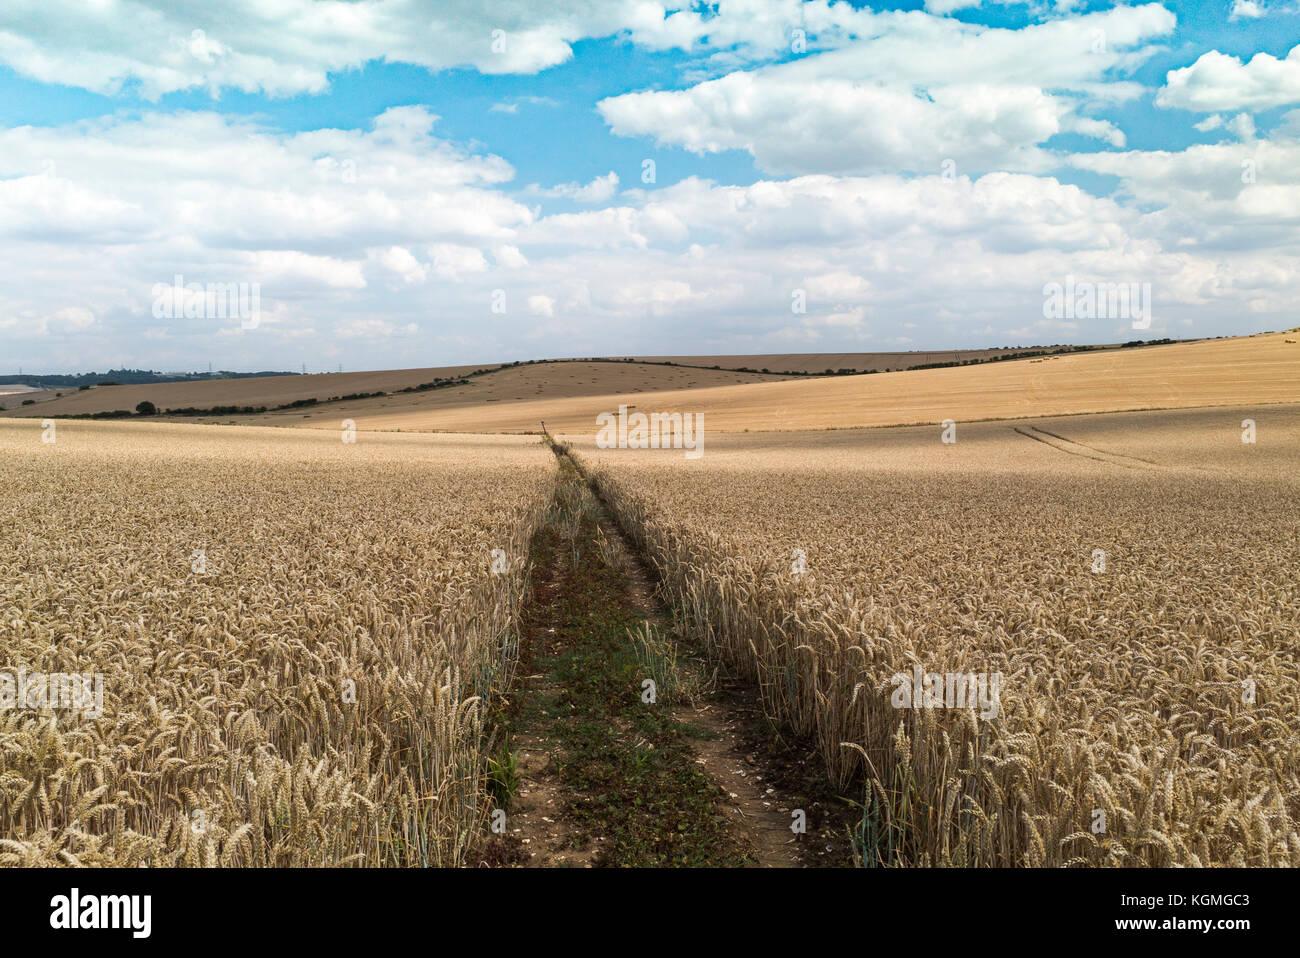 Ein öffentlicher Weg durch ein Feld von reifenden Weizen in Cambridgeshire, gepflanzt wurde das Recht der Passage Stockbild